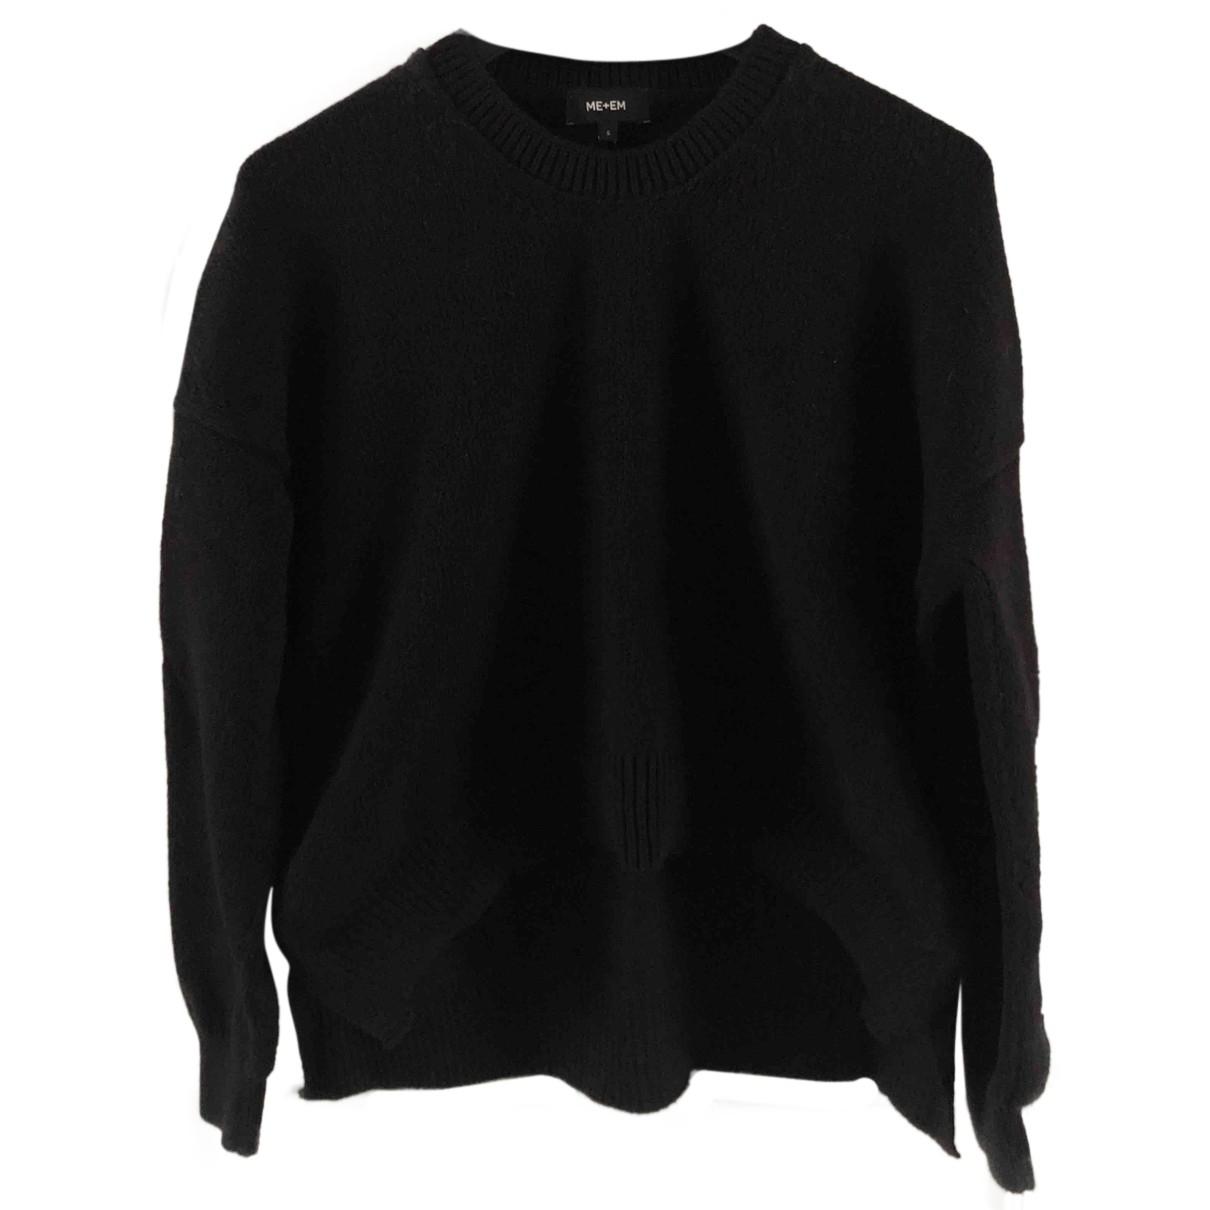 Me+em - Pull   pour femme en coton - noir